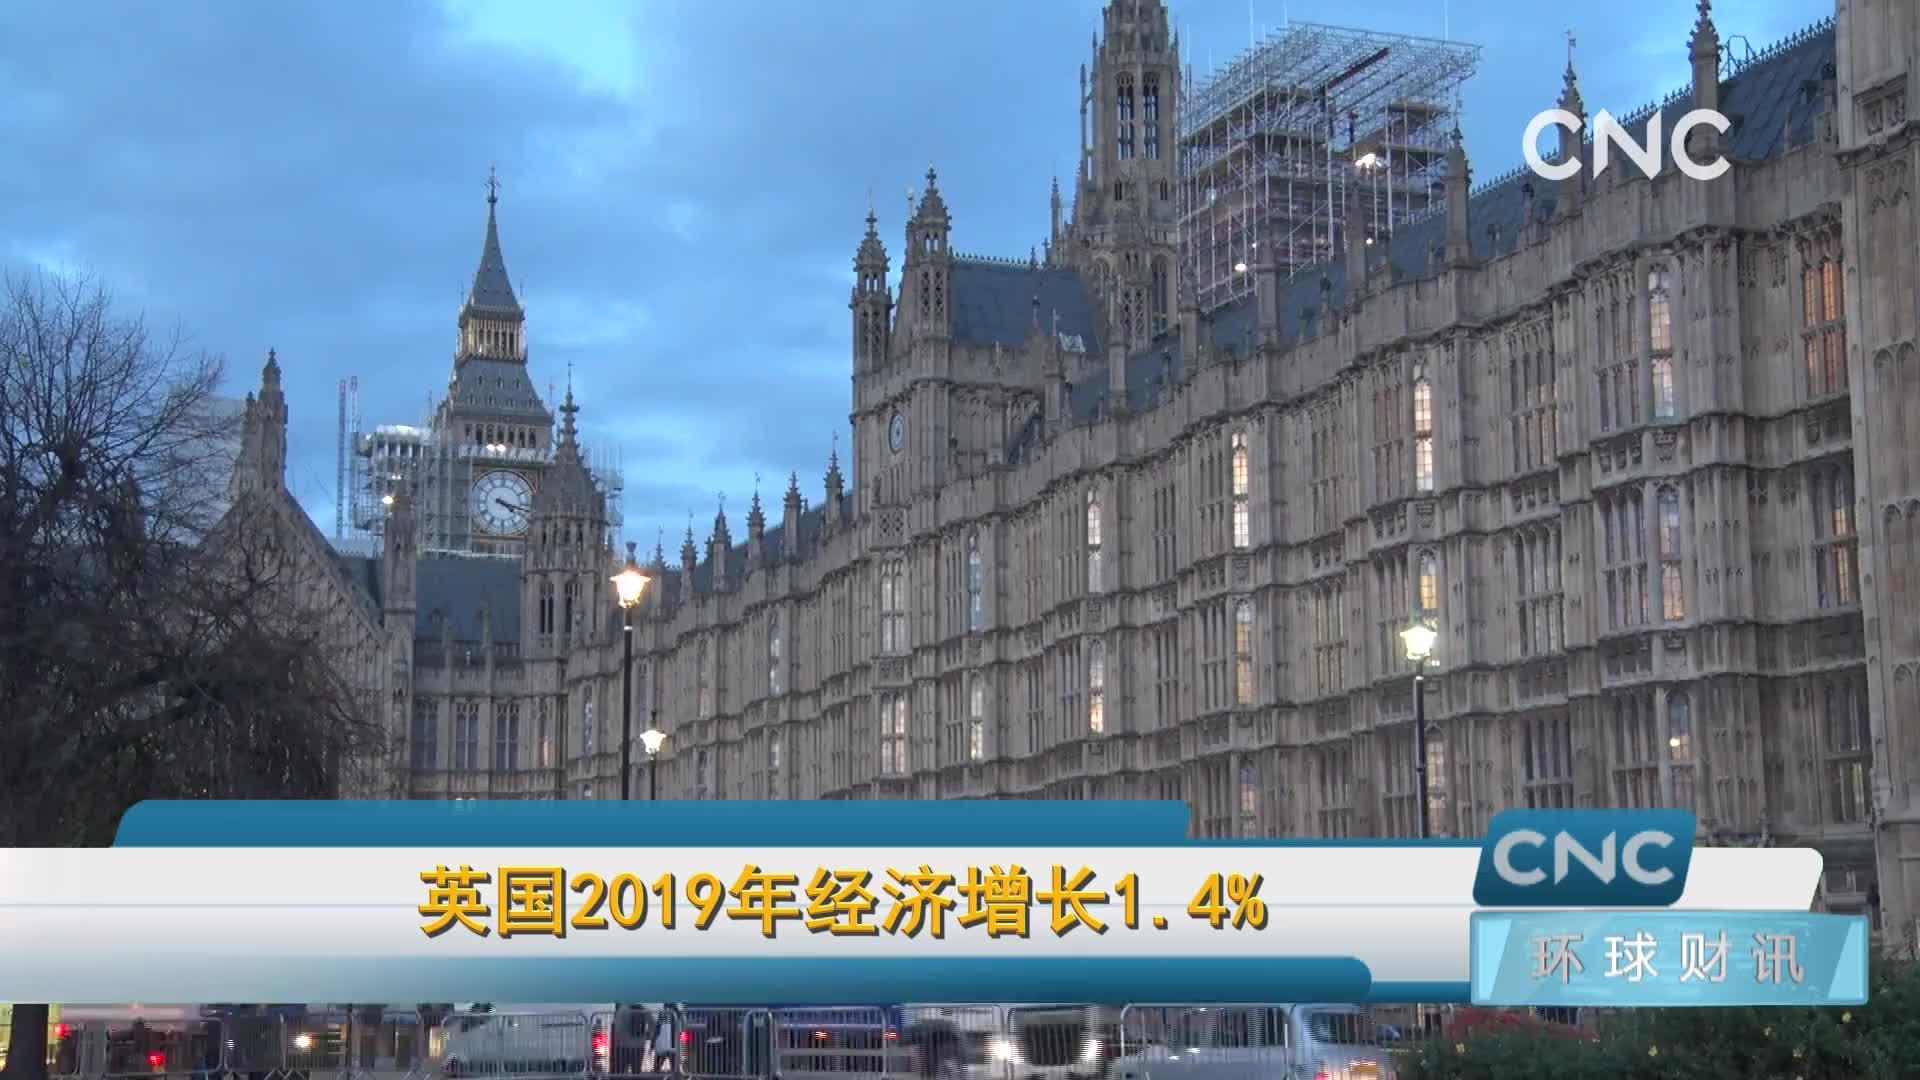 英国2019年经济增长1.4%